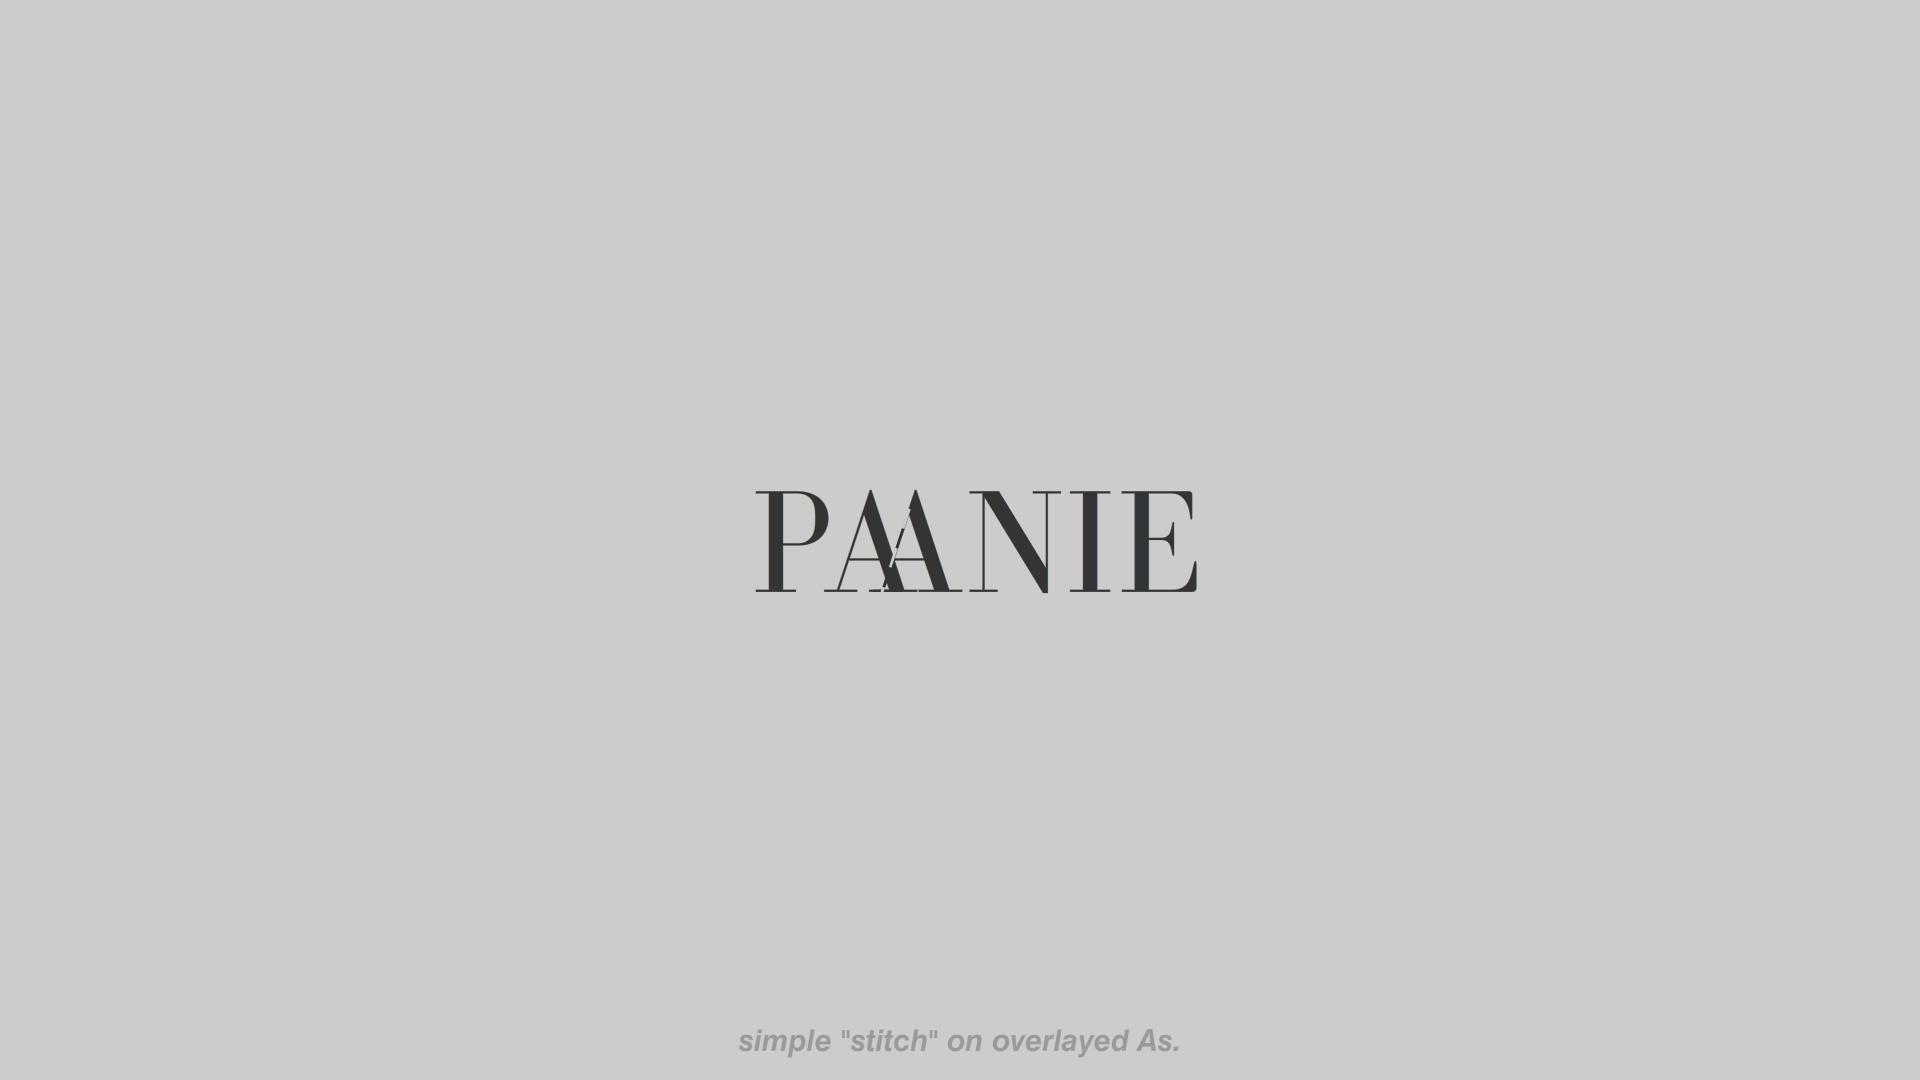 paanielogo0011.png